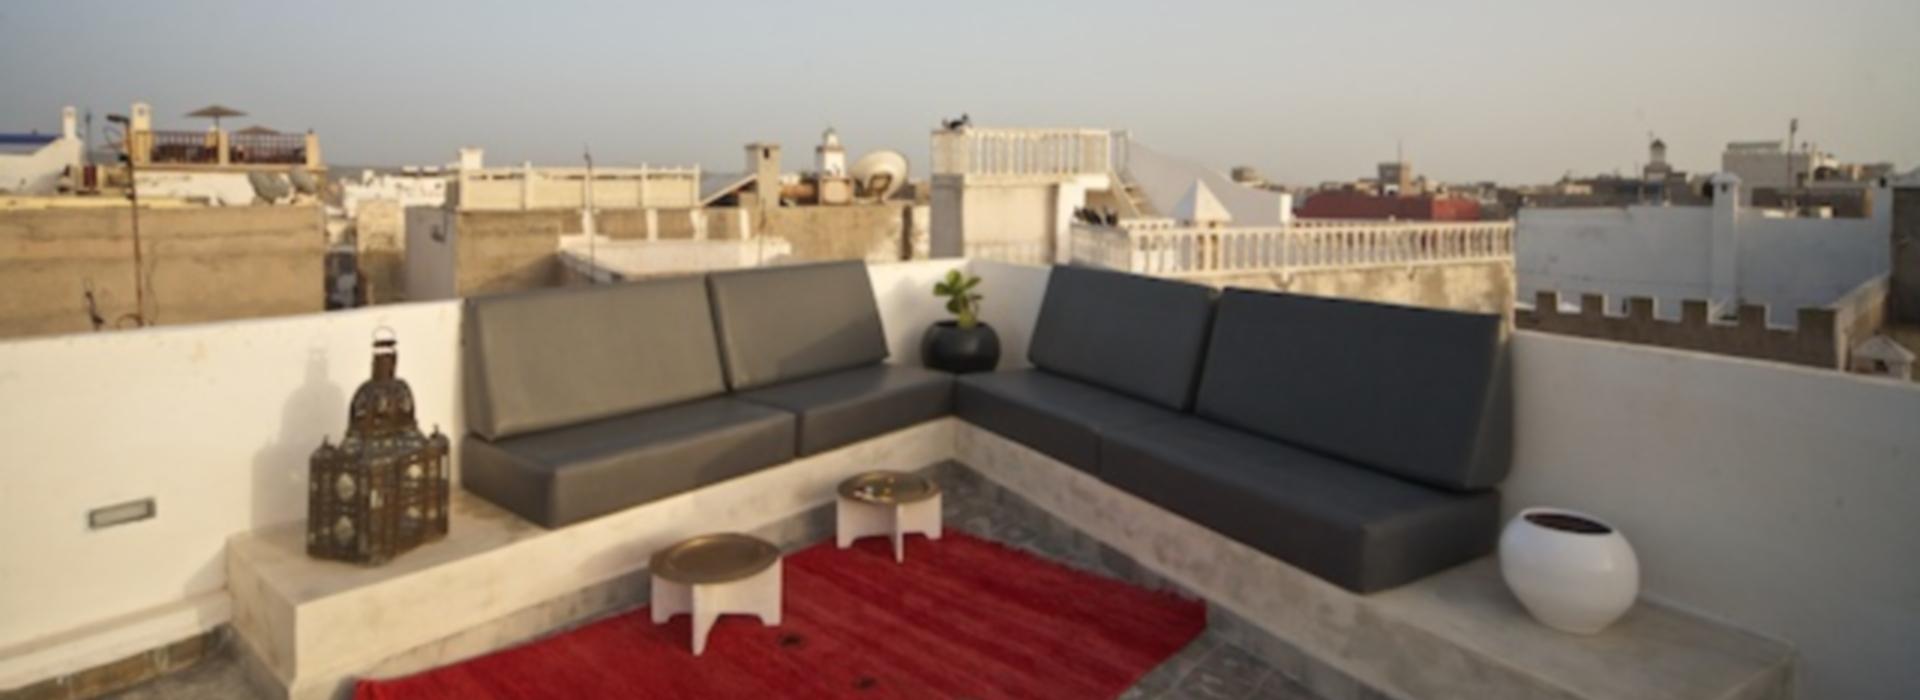 La terrazza di Maison A ad Essaouira: qui, ascoltando l'Oceano, terremo le nostre sedute di editing